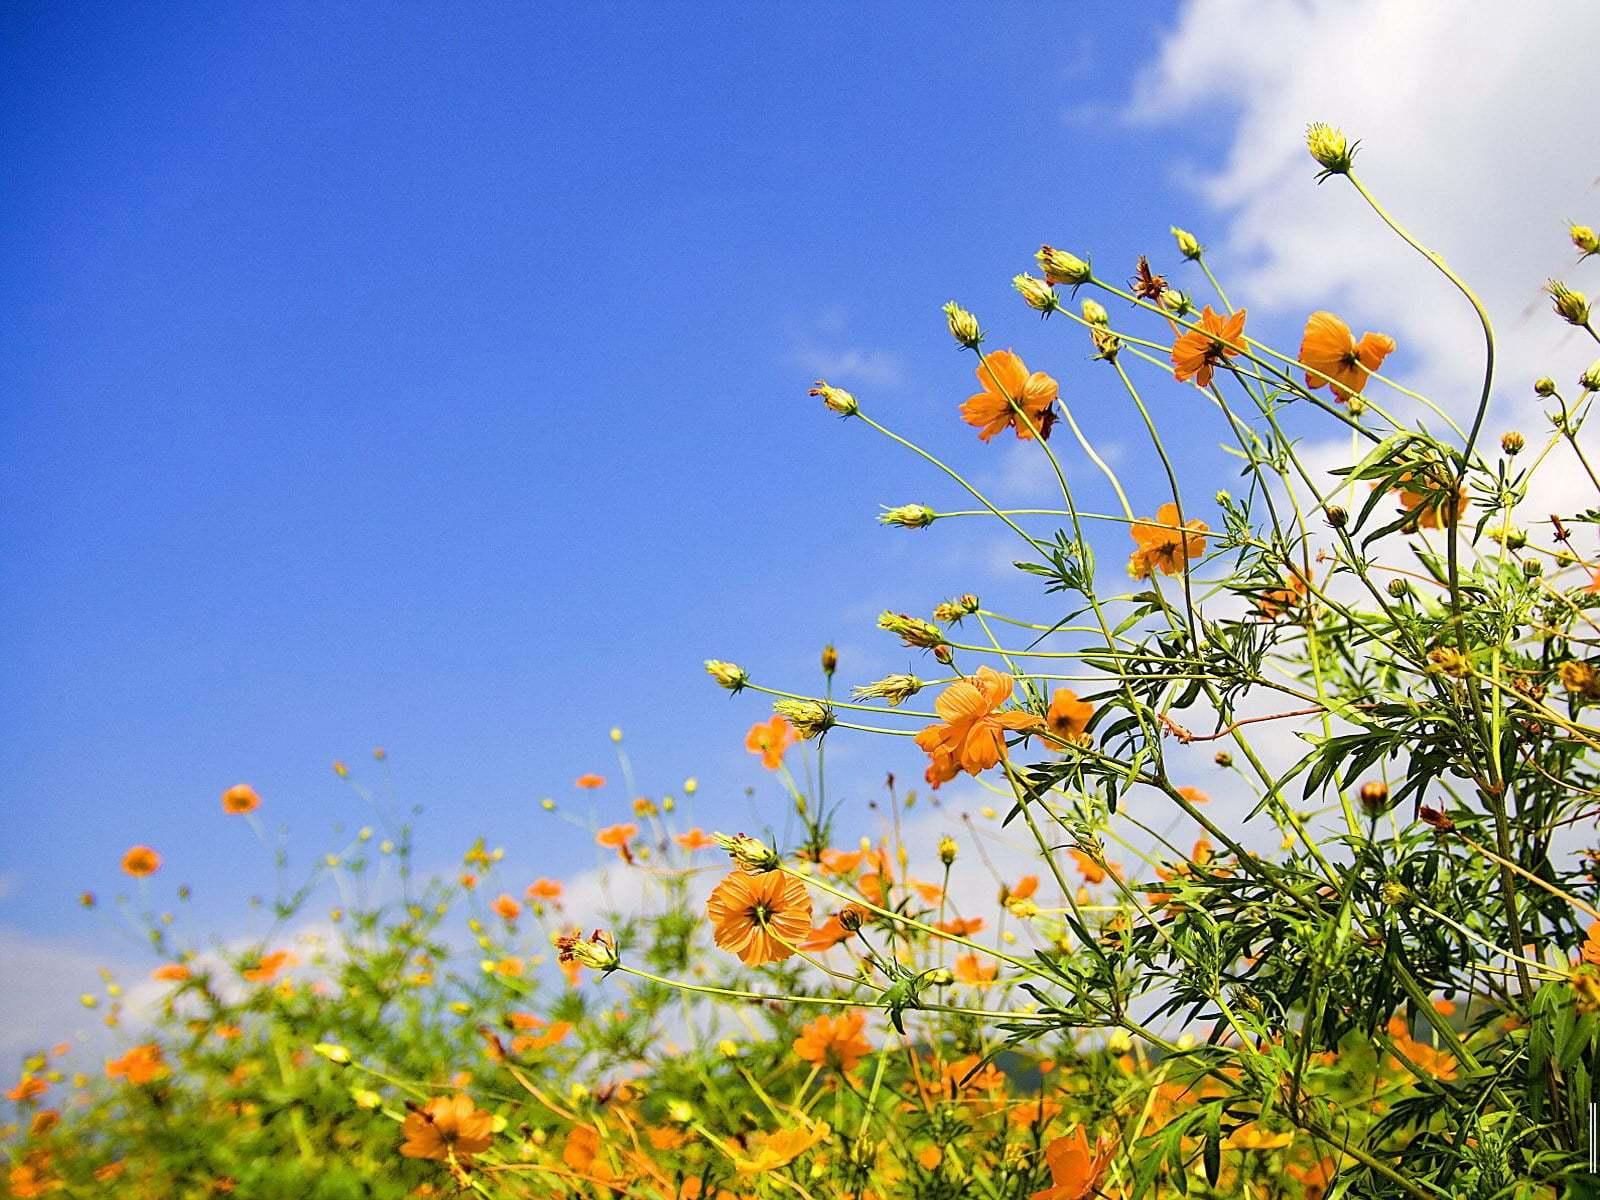 Çiçekler ve gökyüzü-78